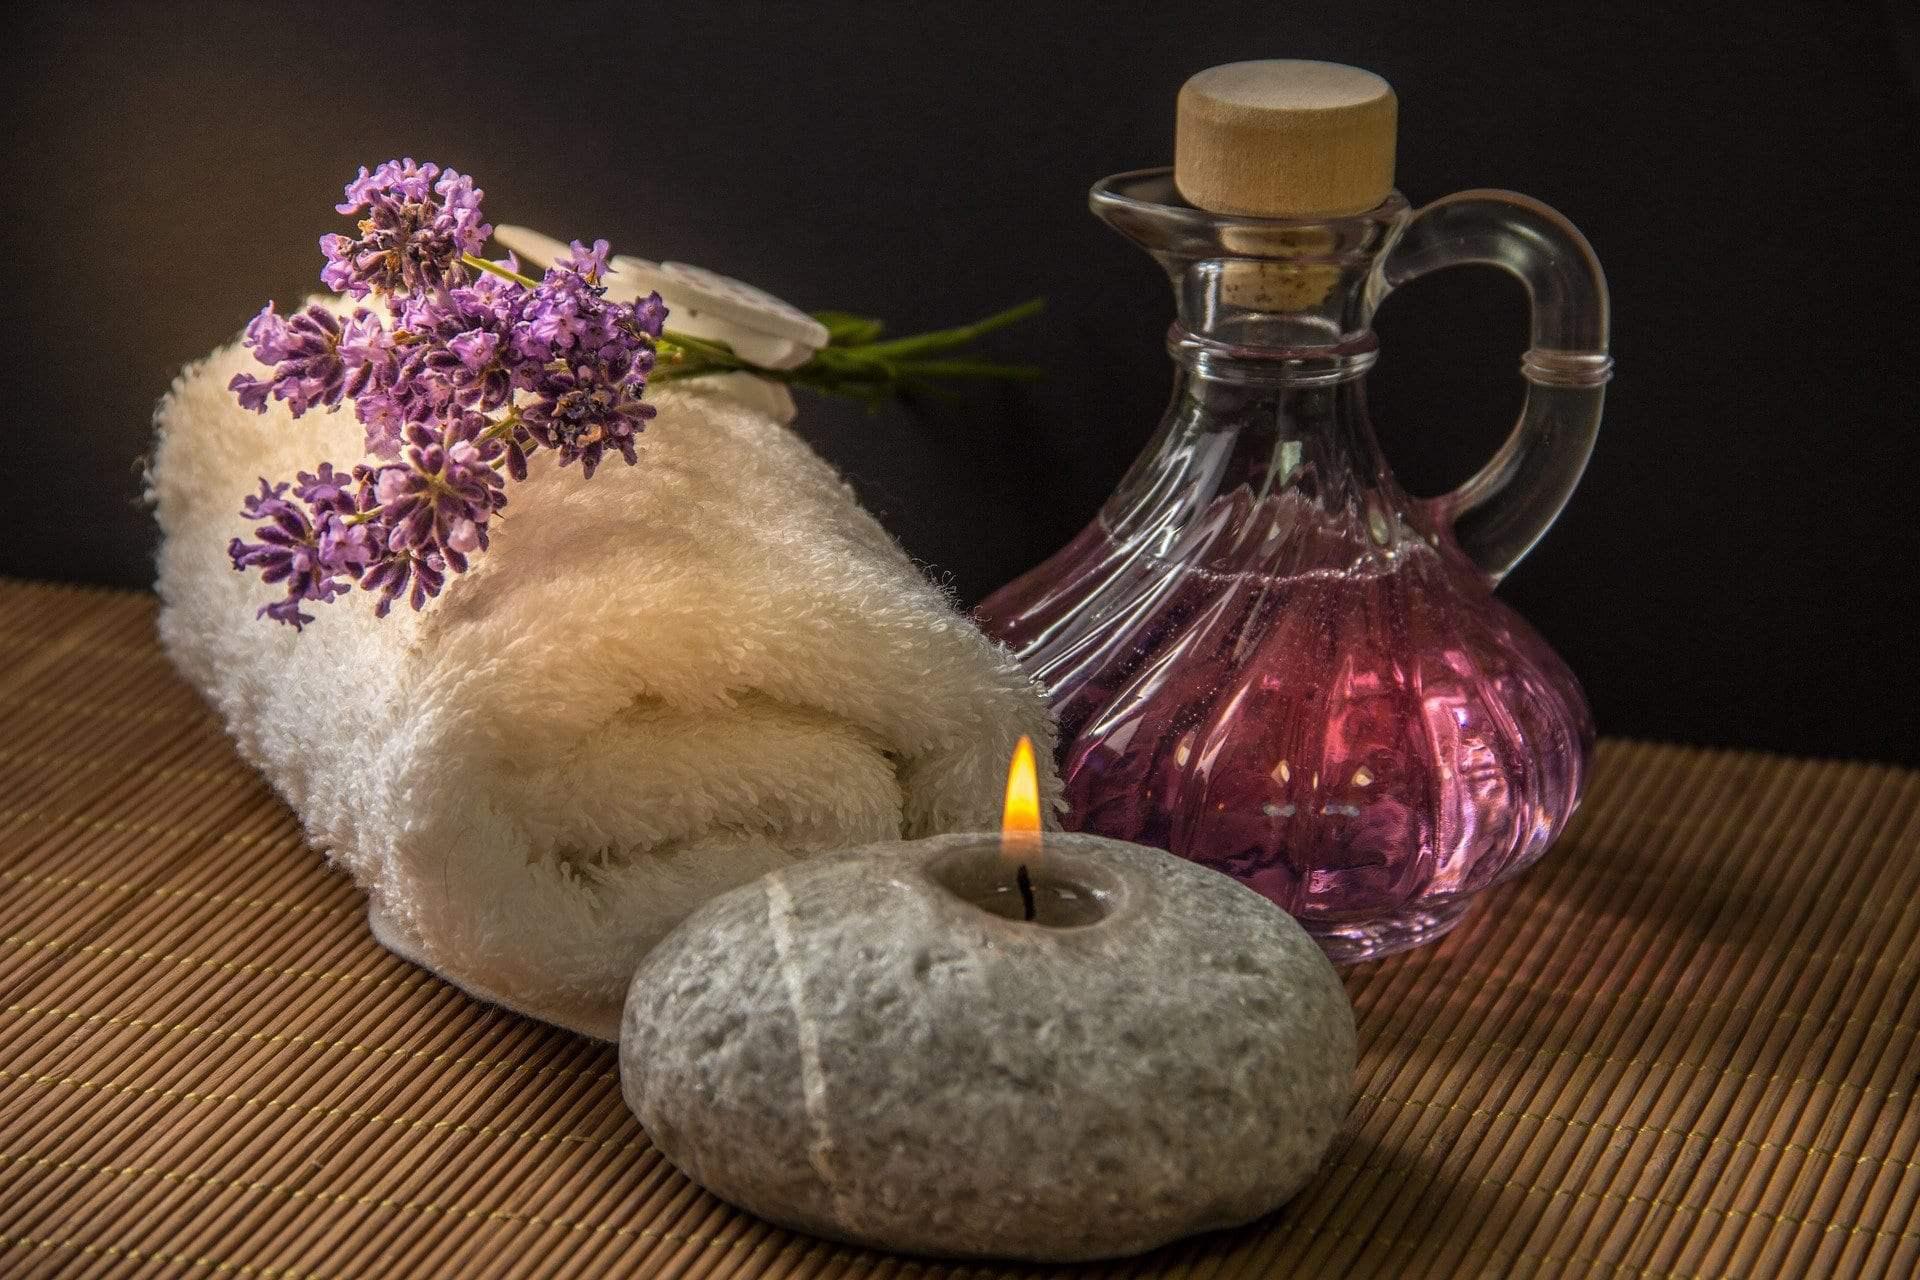 masaż świecą aromatyczną